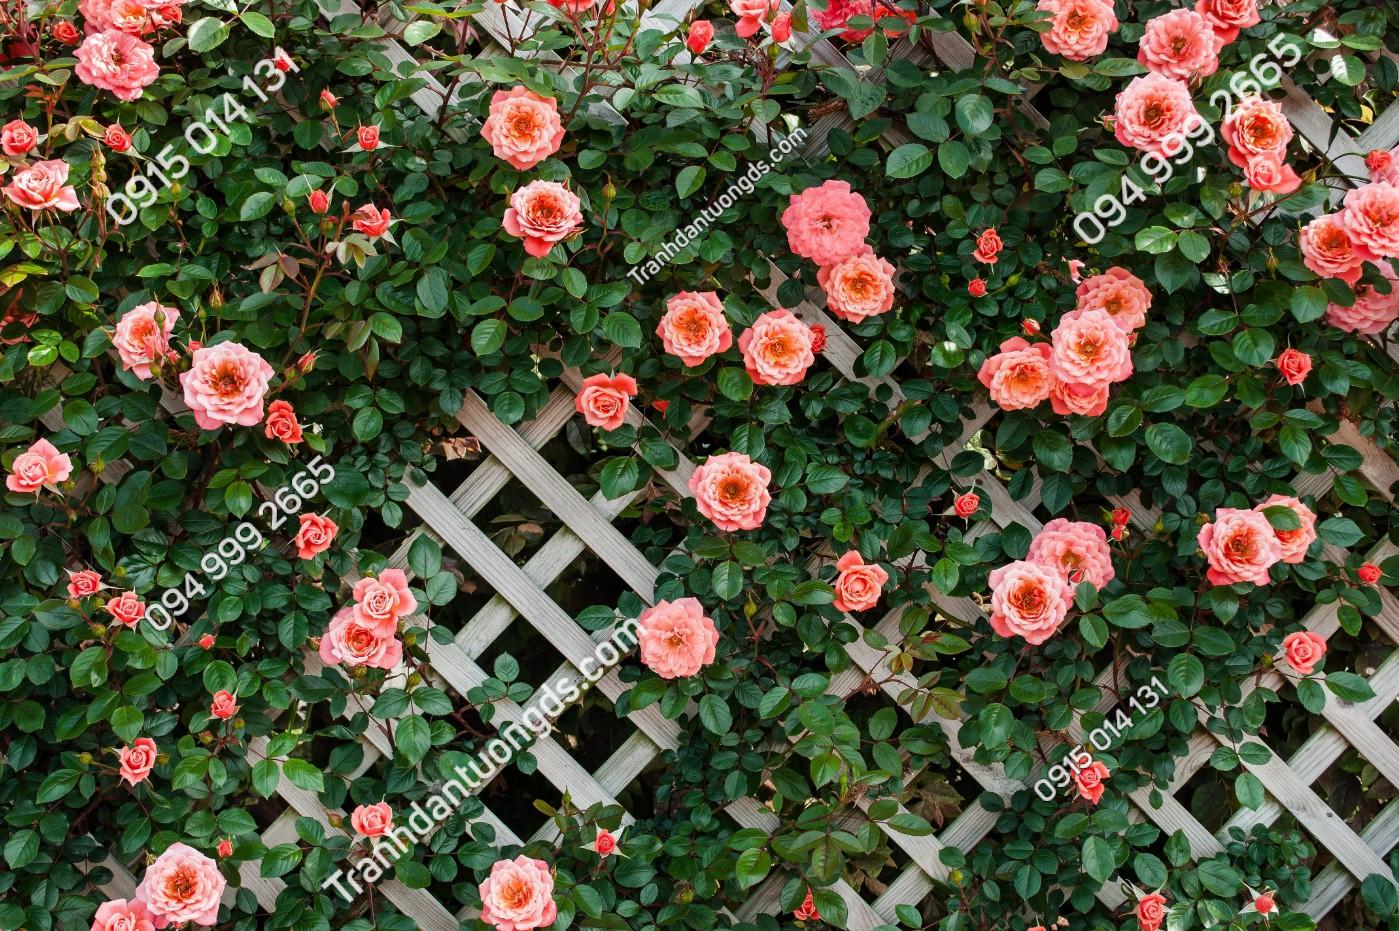 Tranh dán tường hàng rào hoa hồng - 10161 demo